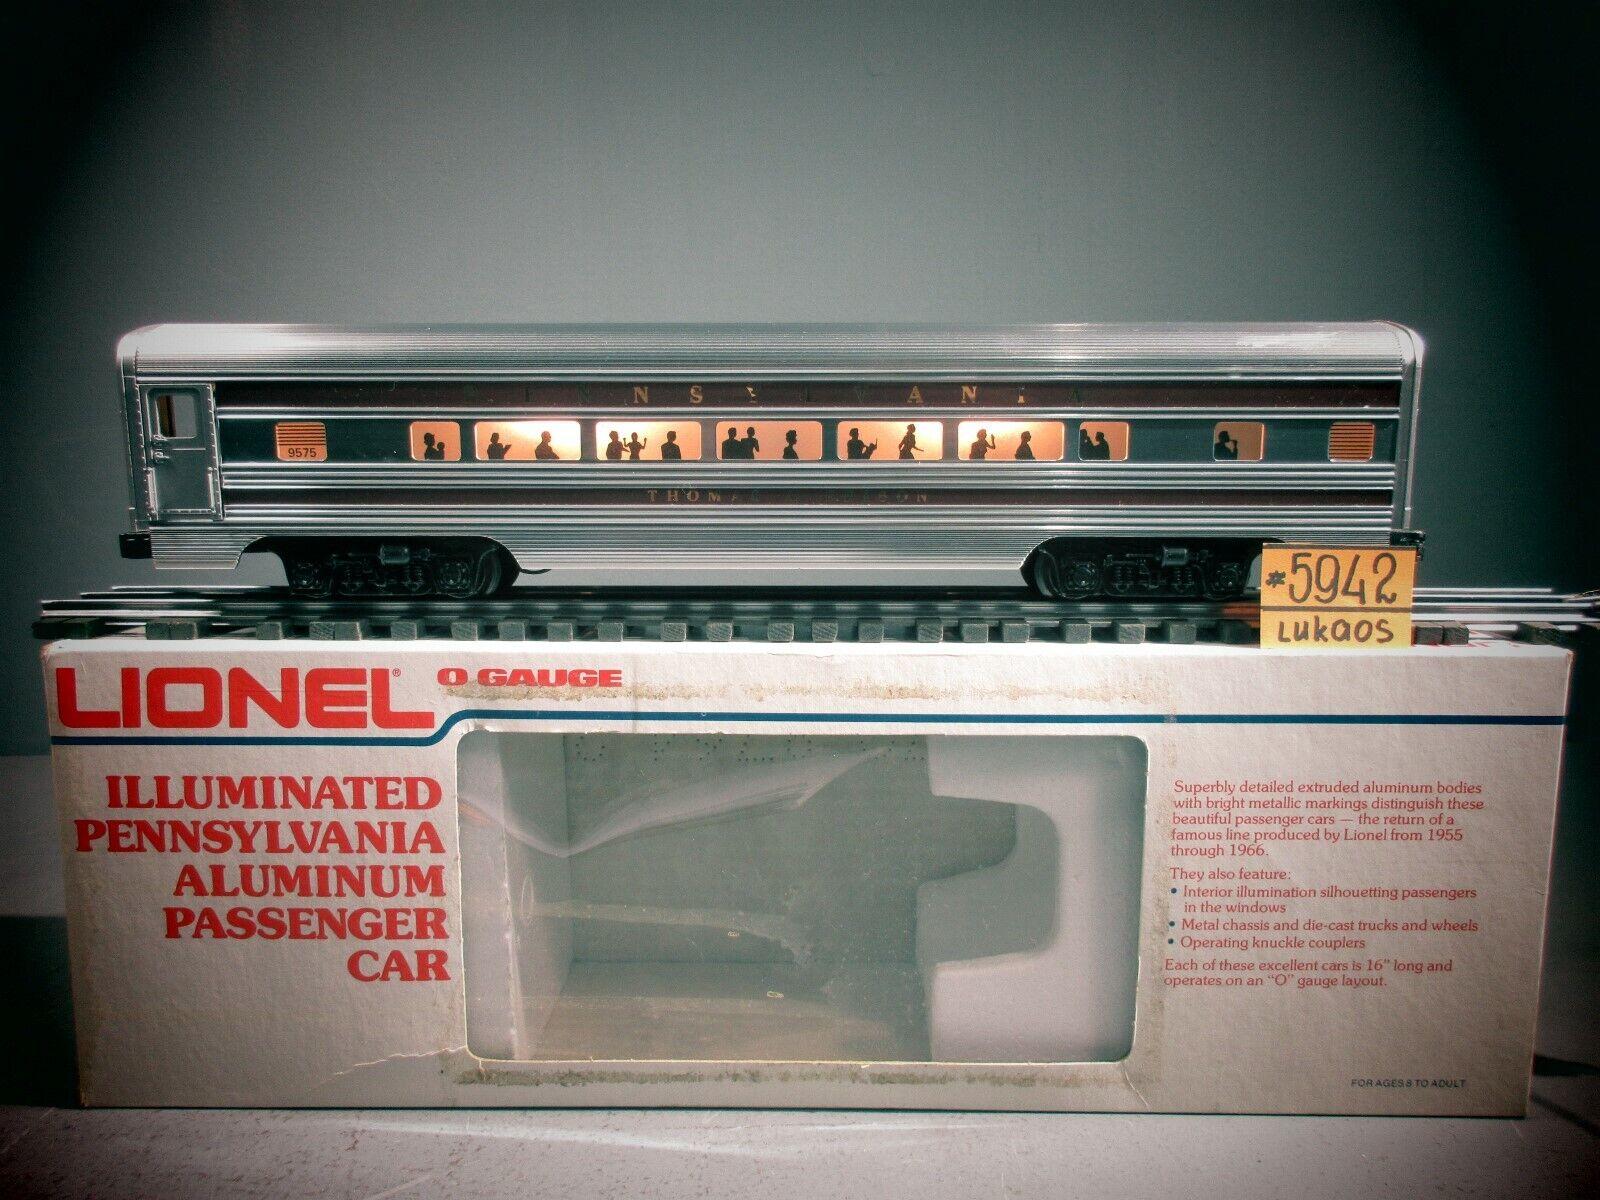 Lionel 9575 Pennsylvania ILLUMIN. in tuttiUMINIO autovettura Thomas A. Edison C8